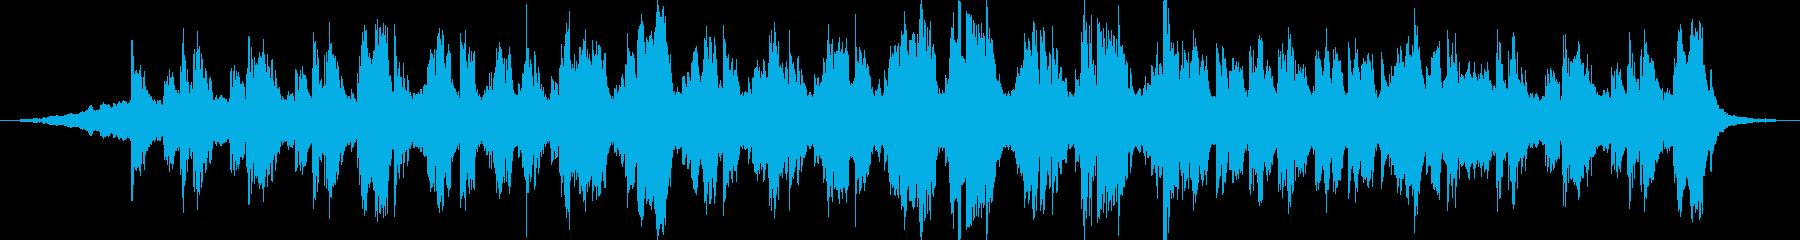 映画をイメージした何かの始まり的な曲ですの再生済みの波形